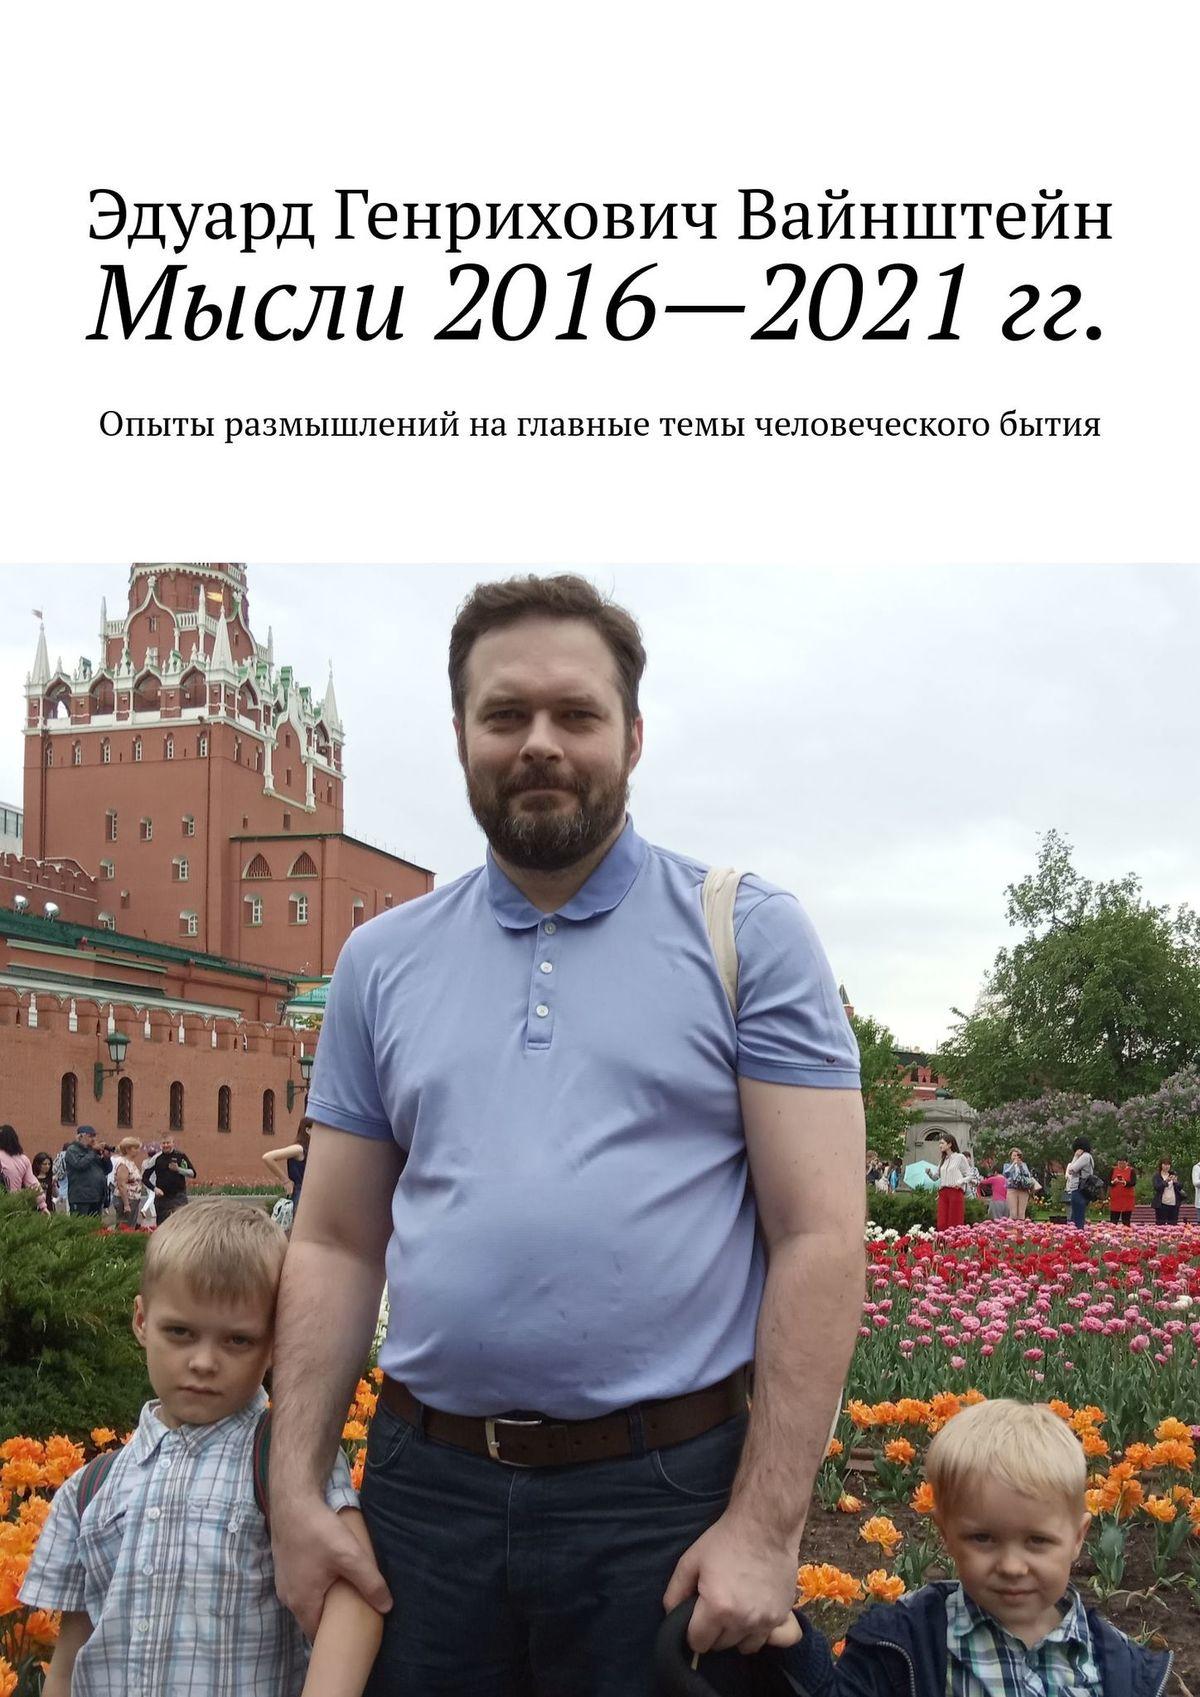 Комментарии кПроблескам Микушевича. Опыты размышлений наглавные темы человеческого бытия